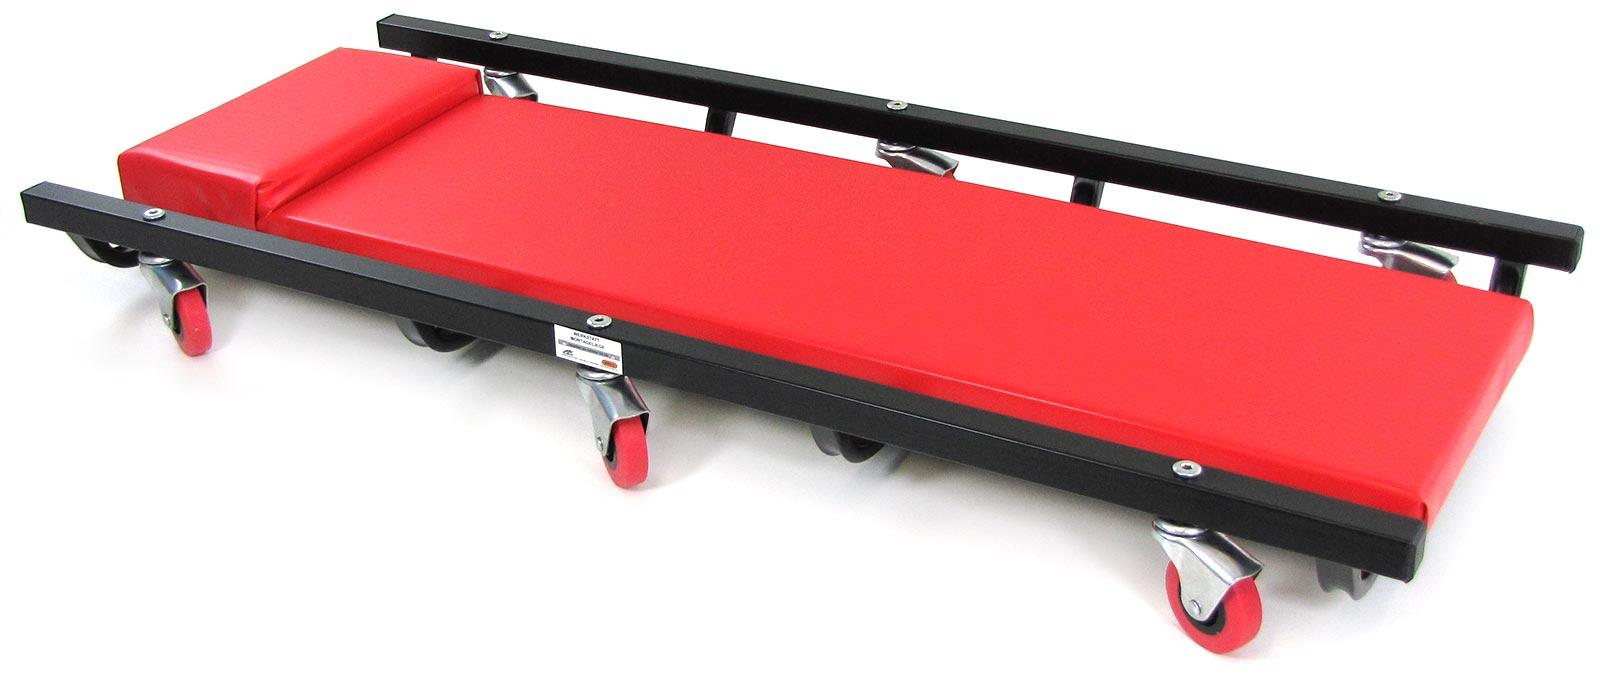 ramroxx profi kfz werkstatt rollbrett montage liege gepolstert 100cm rot  schwarz